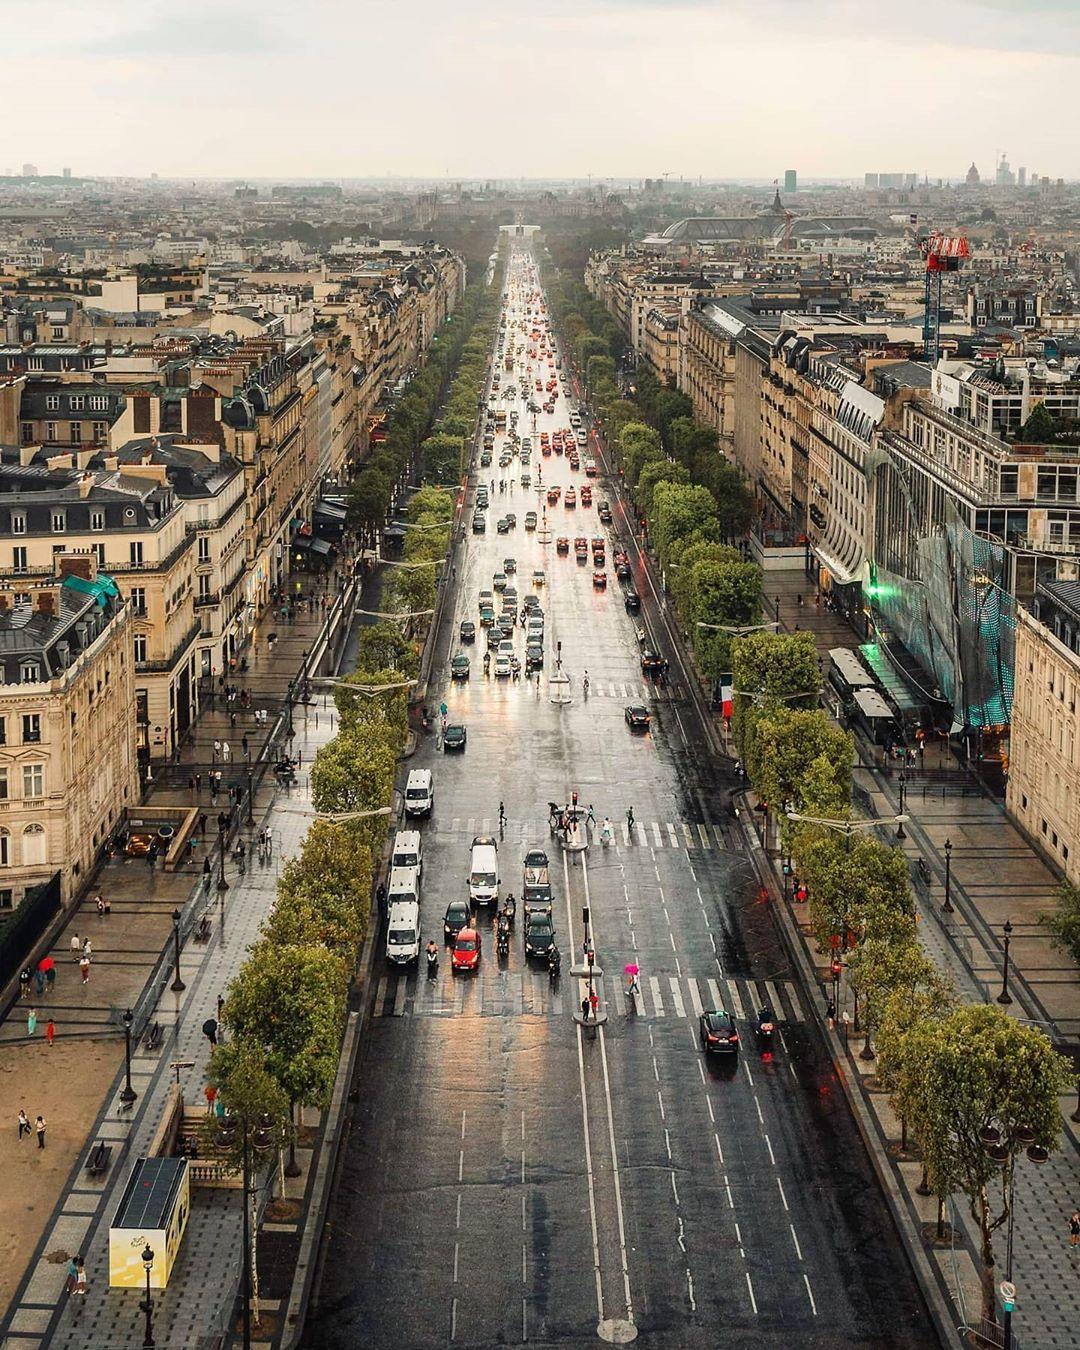 """Plus Belle Avenue Du Monde : belle, avenue, monde, Huynh, Instagram:, """"La, Belle, Avenue, Monde, Pluie, 🌧️, #illgrammers, #france, #topparisphoto, #eiffe…, Railroad, Tracks,, Railroad,, Memories"""